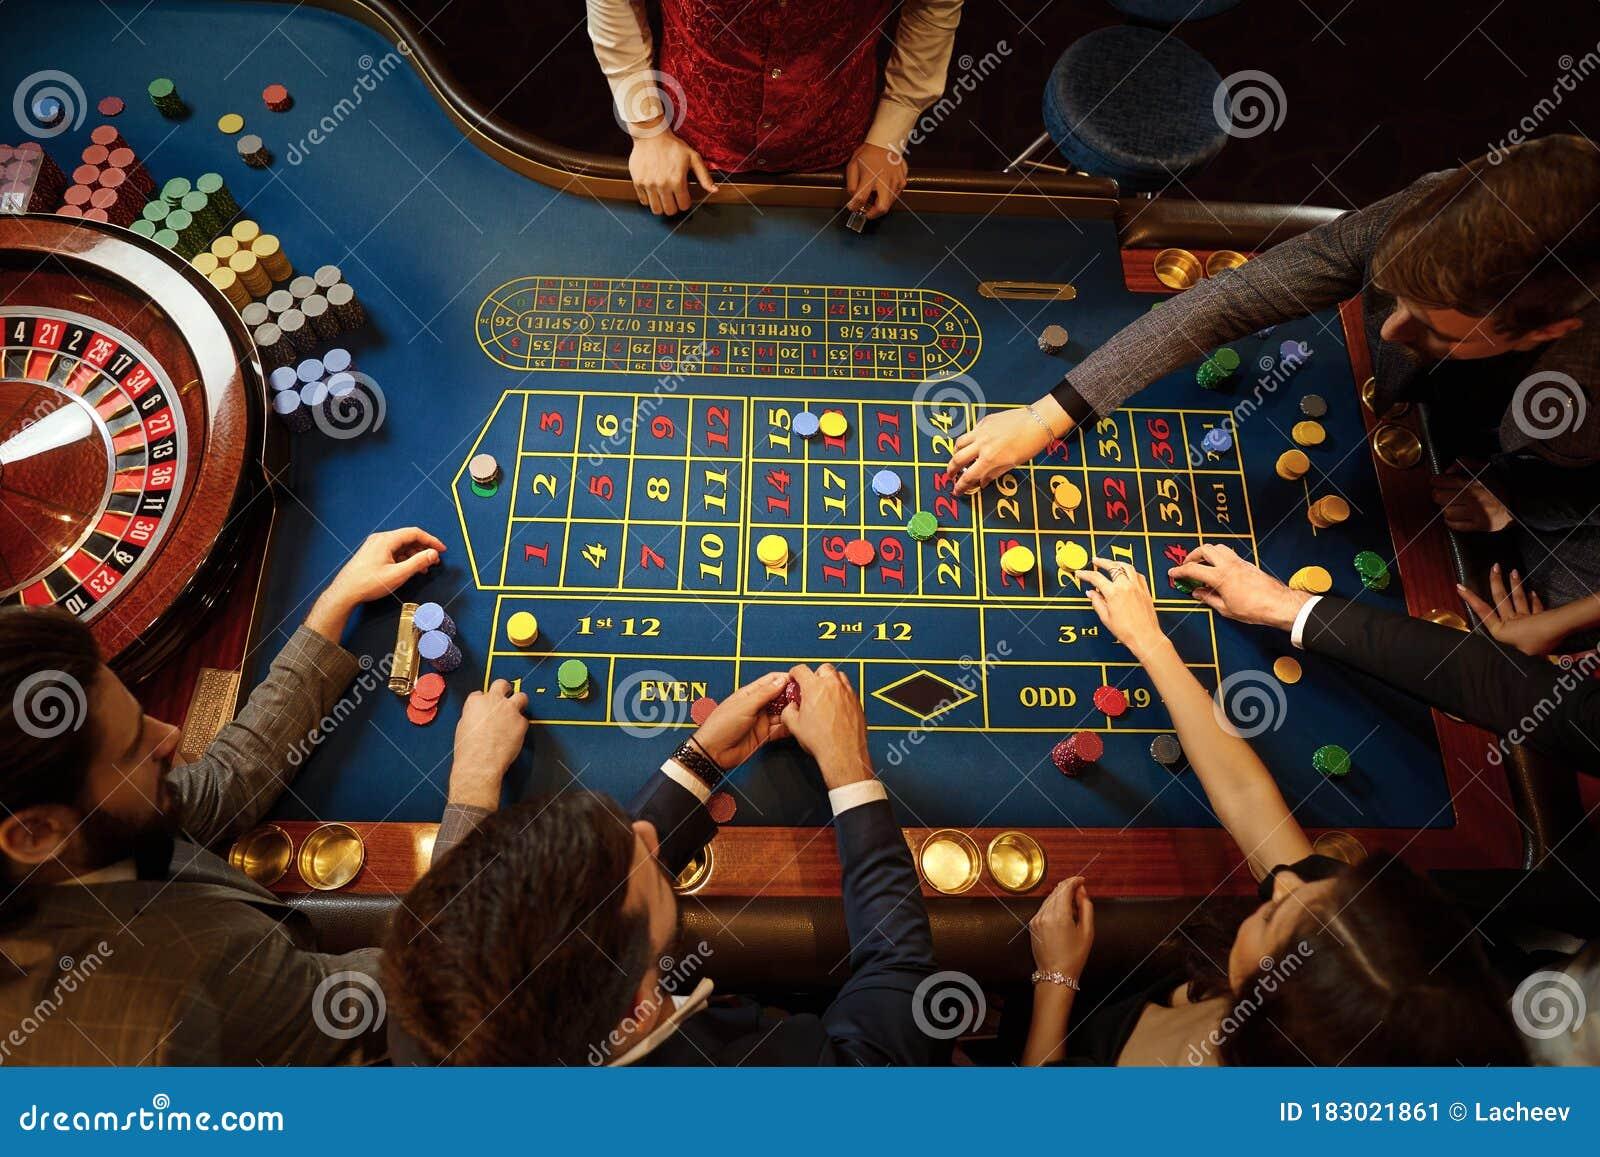 Форумы людей играющих в казино выигрывать в онлайн рулетку